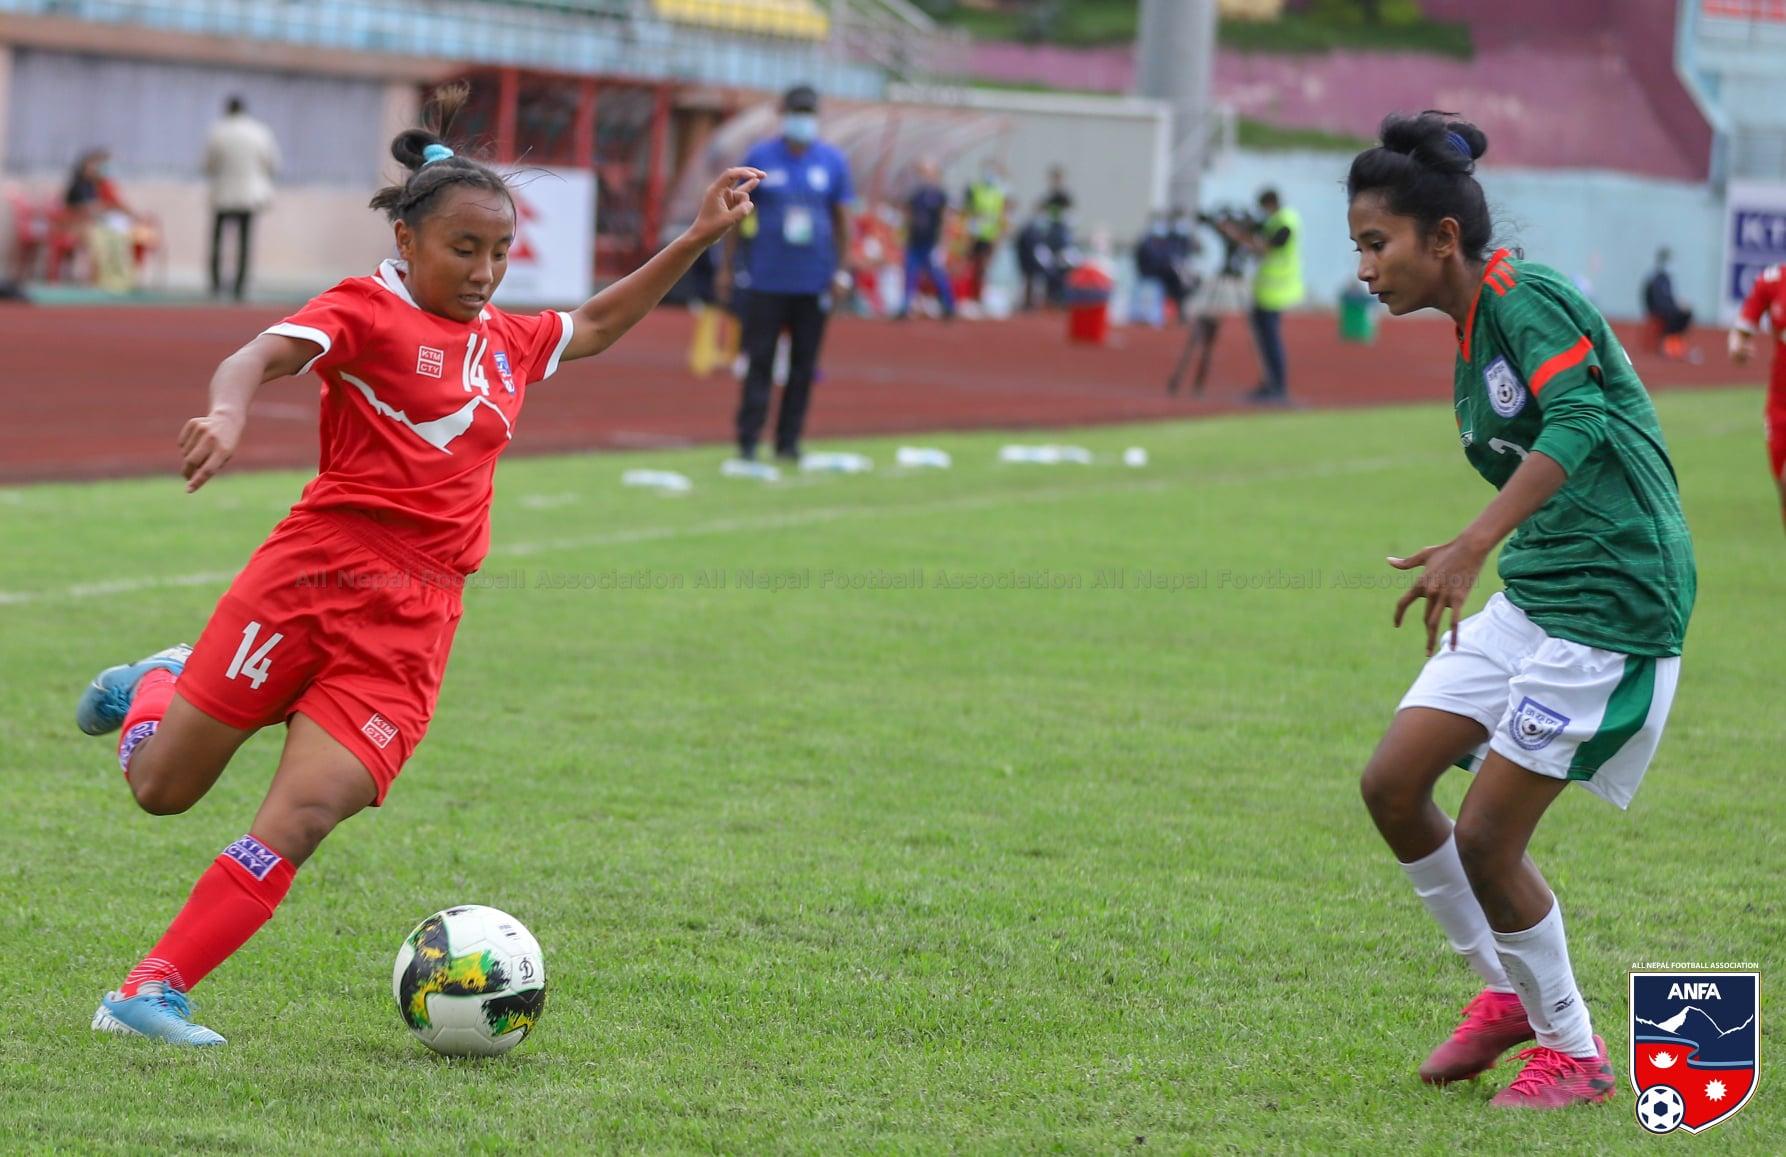 नेपाल र बंगलादेशबीचको दोस्रो मैत्रीपूर्ण खेल आज